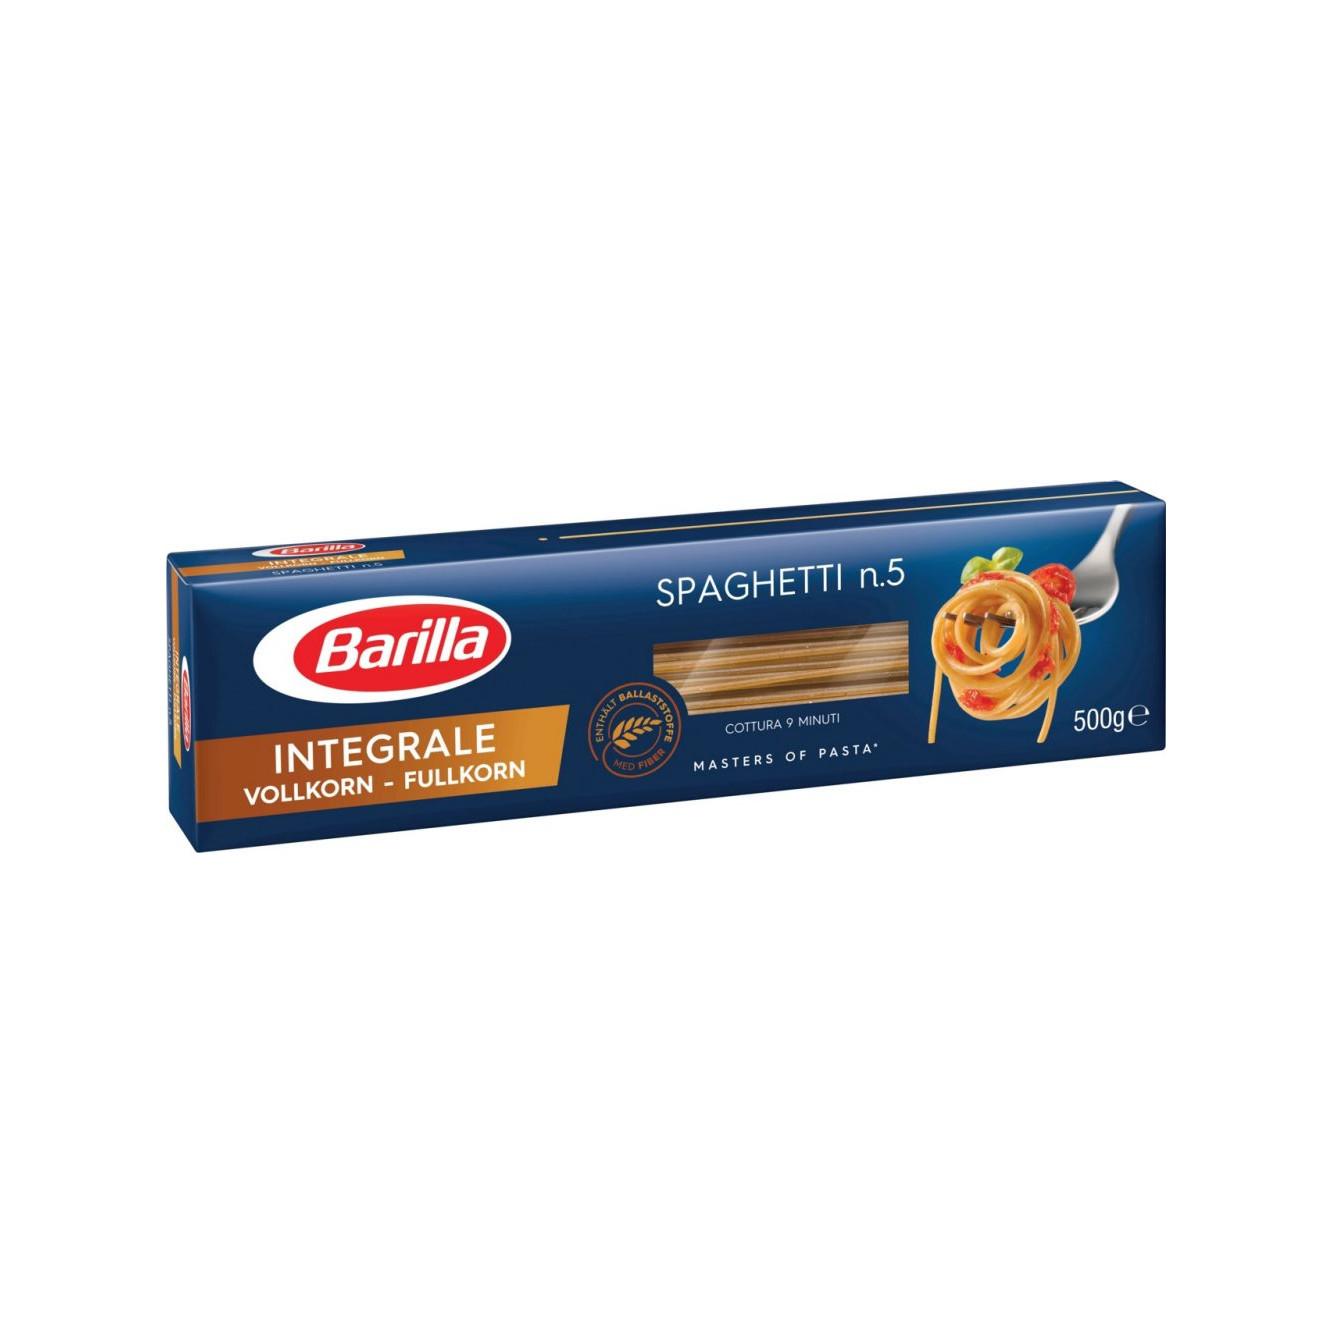 Spaghetti integrale no 5